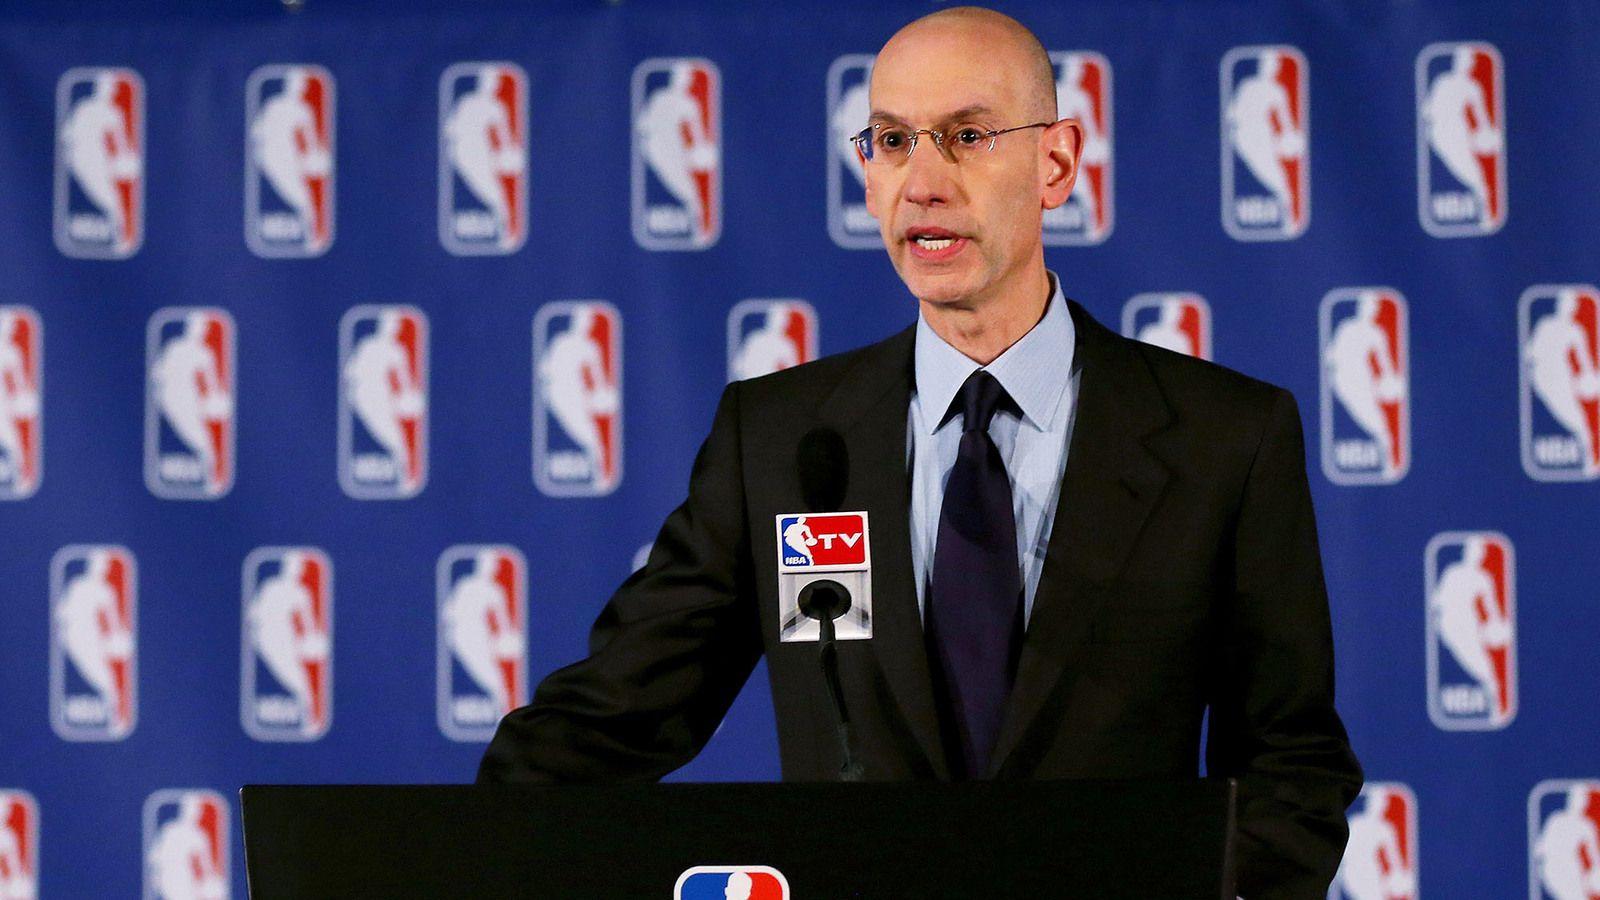 La NBA vers une décision définitive dès jeudi 4 juin sur le format de la reprise